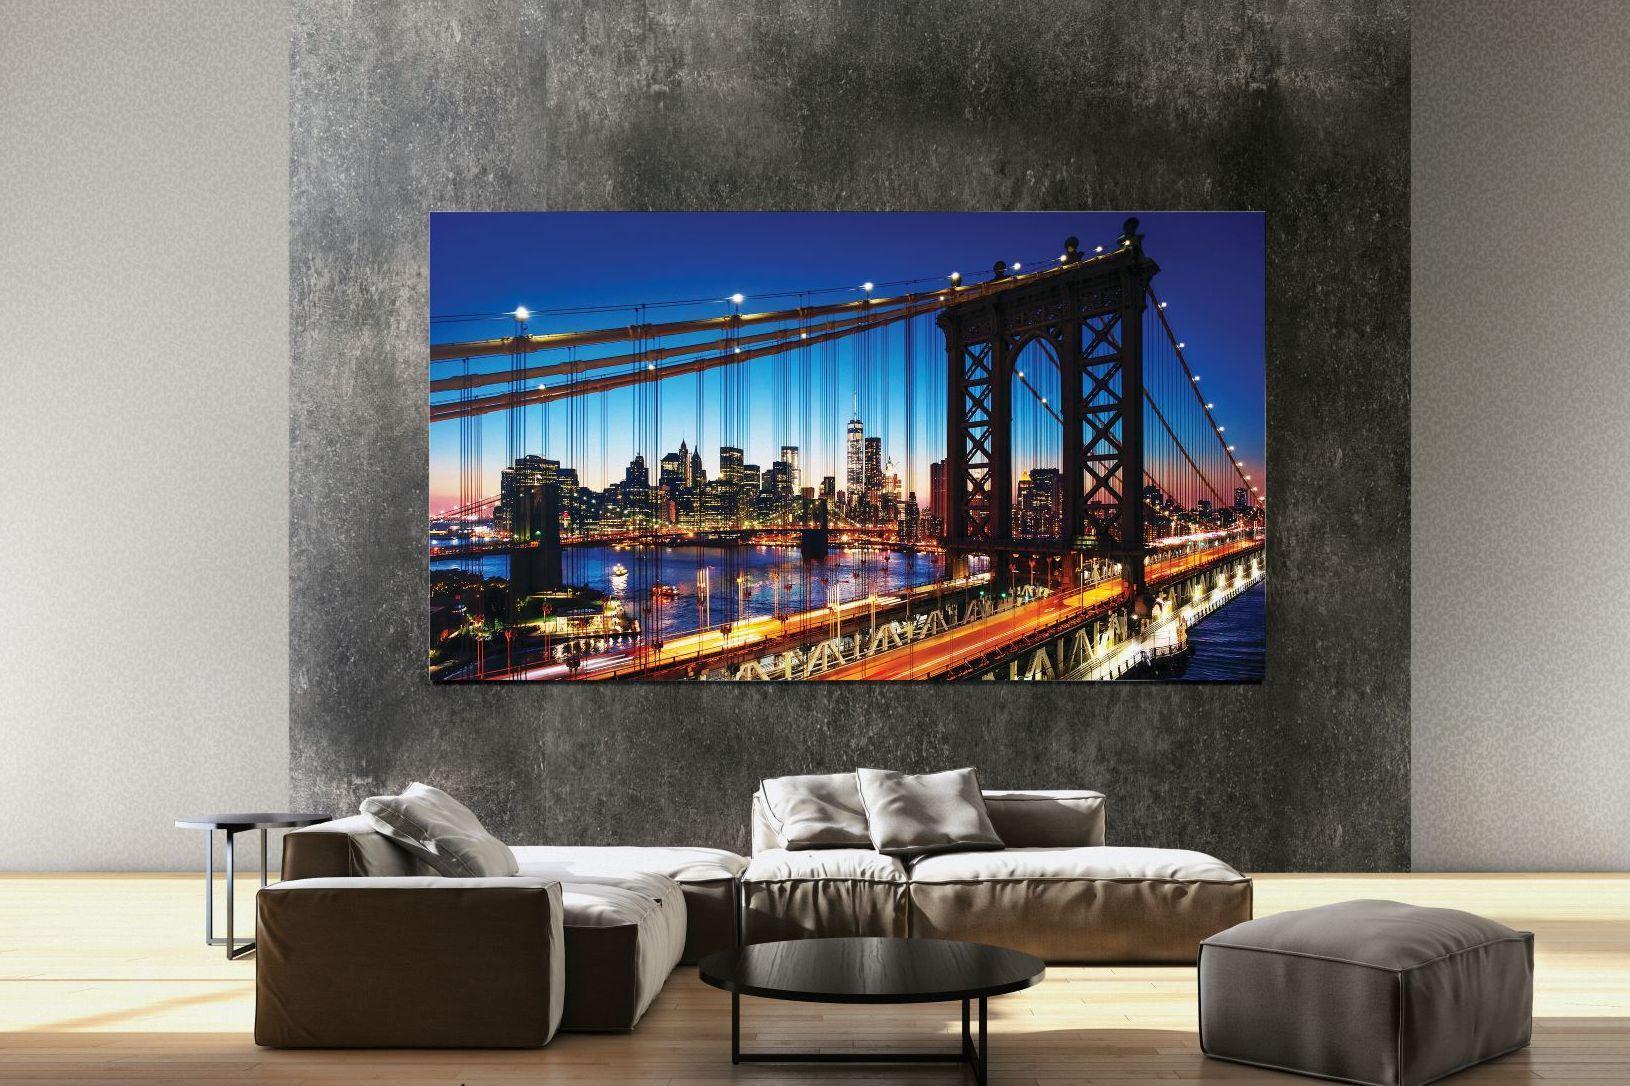 Samsung presenta un televisor giratorio que le permite mirar en modo vertical y una pantalla de 8K sin gafas en el CES 2019